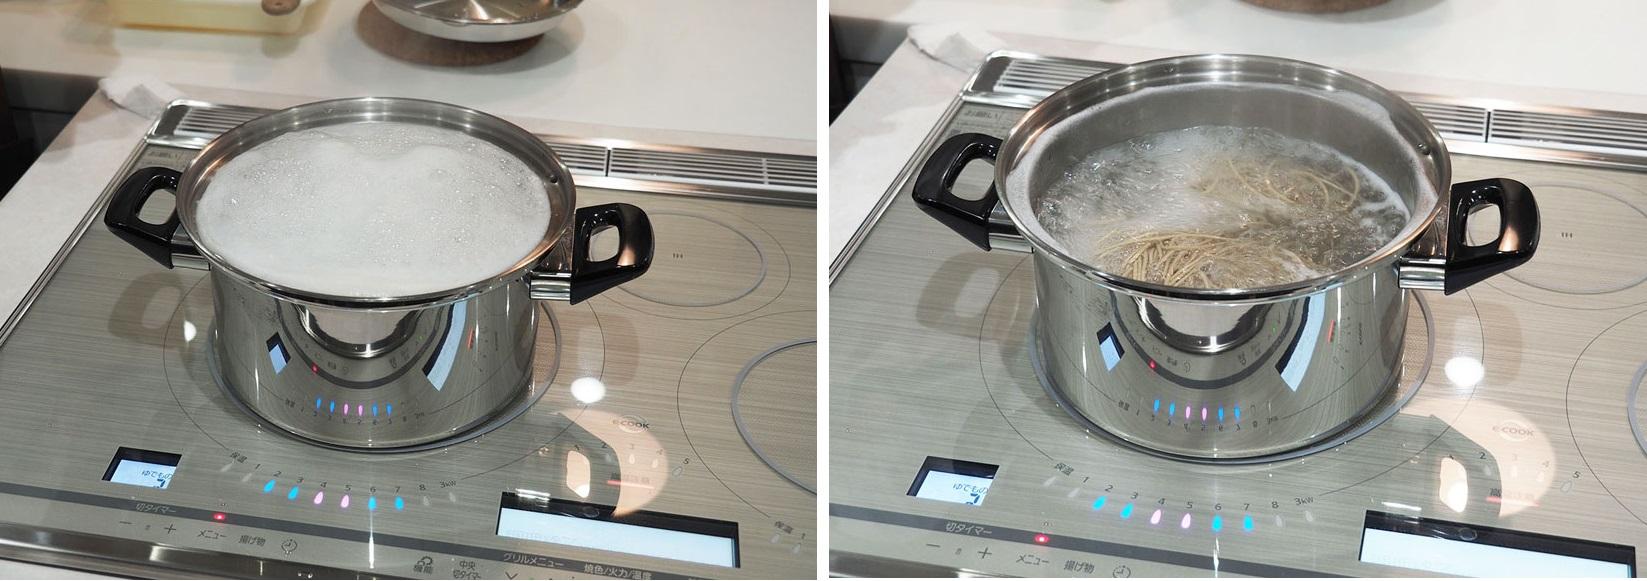 ↑そばを茹でる実験も行われました。泡がモコモコと出てきて「吹きこぼれる!」と感じた瞬間、鍋内の対流方向が切り替わって収まります。これは便利!